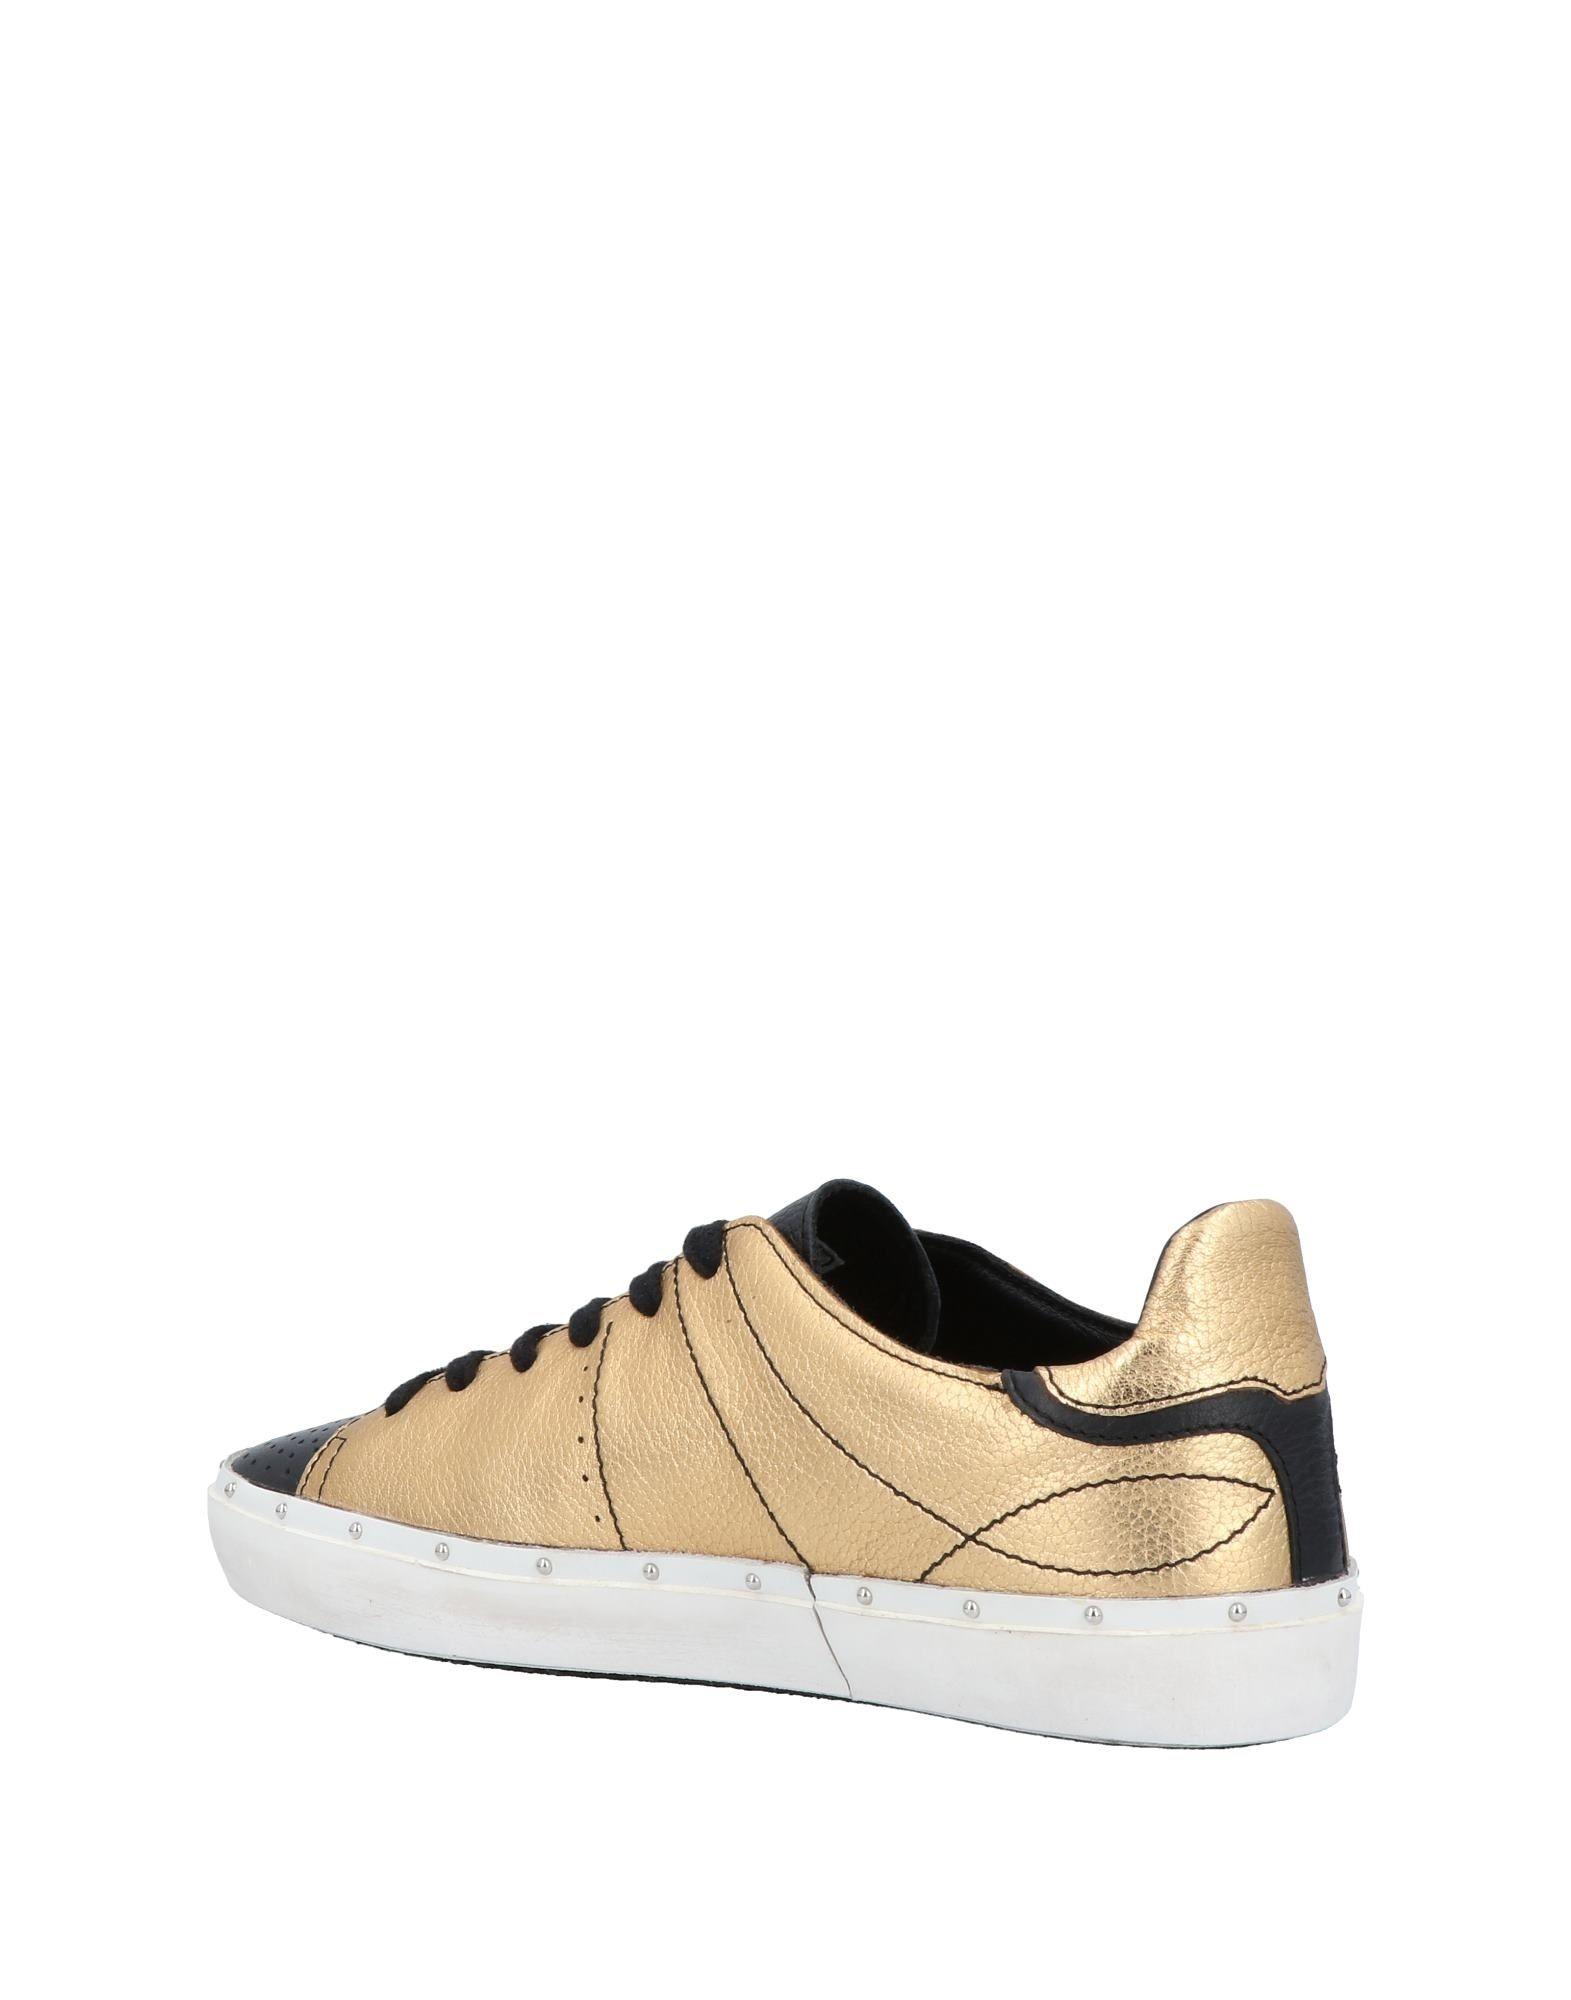 Rebecca Minkoff Sneakers Damen beliebte  11449270VT Gute Qualität beliebte Damen Schuhe 9545d4